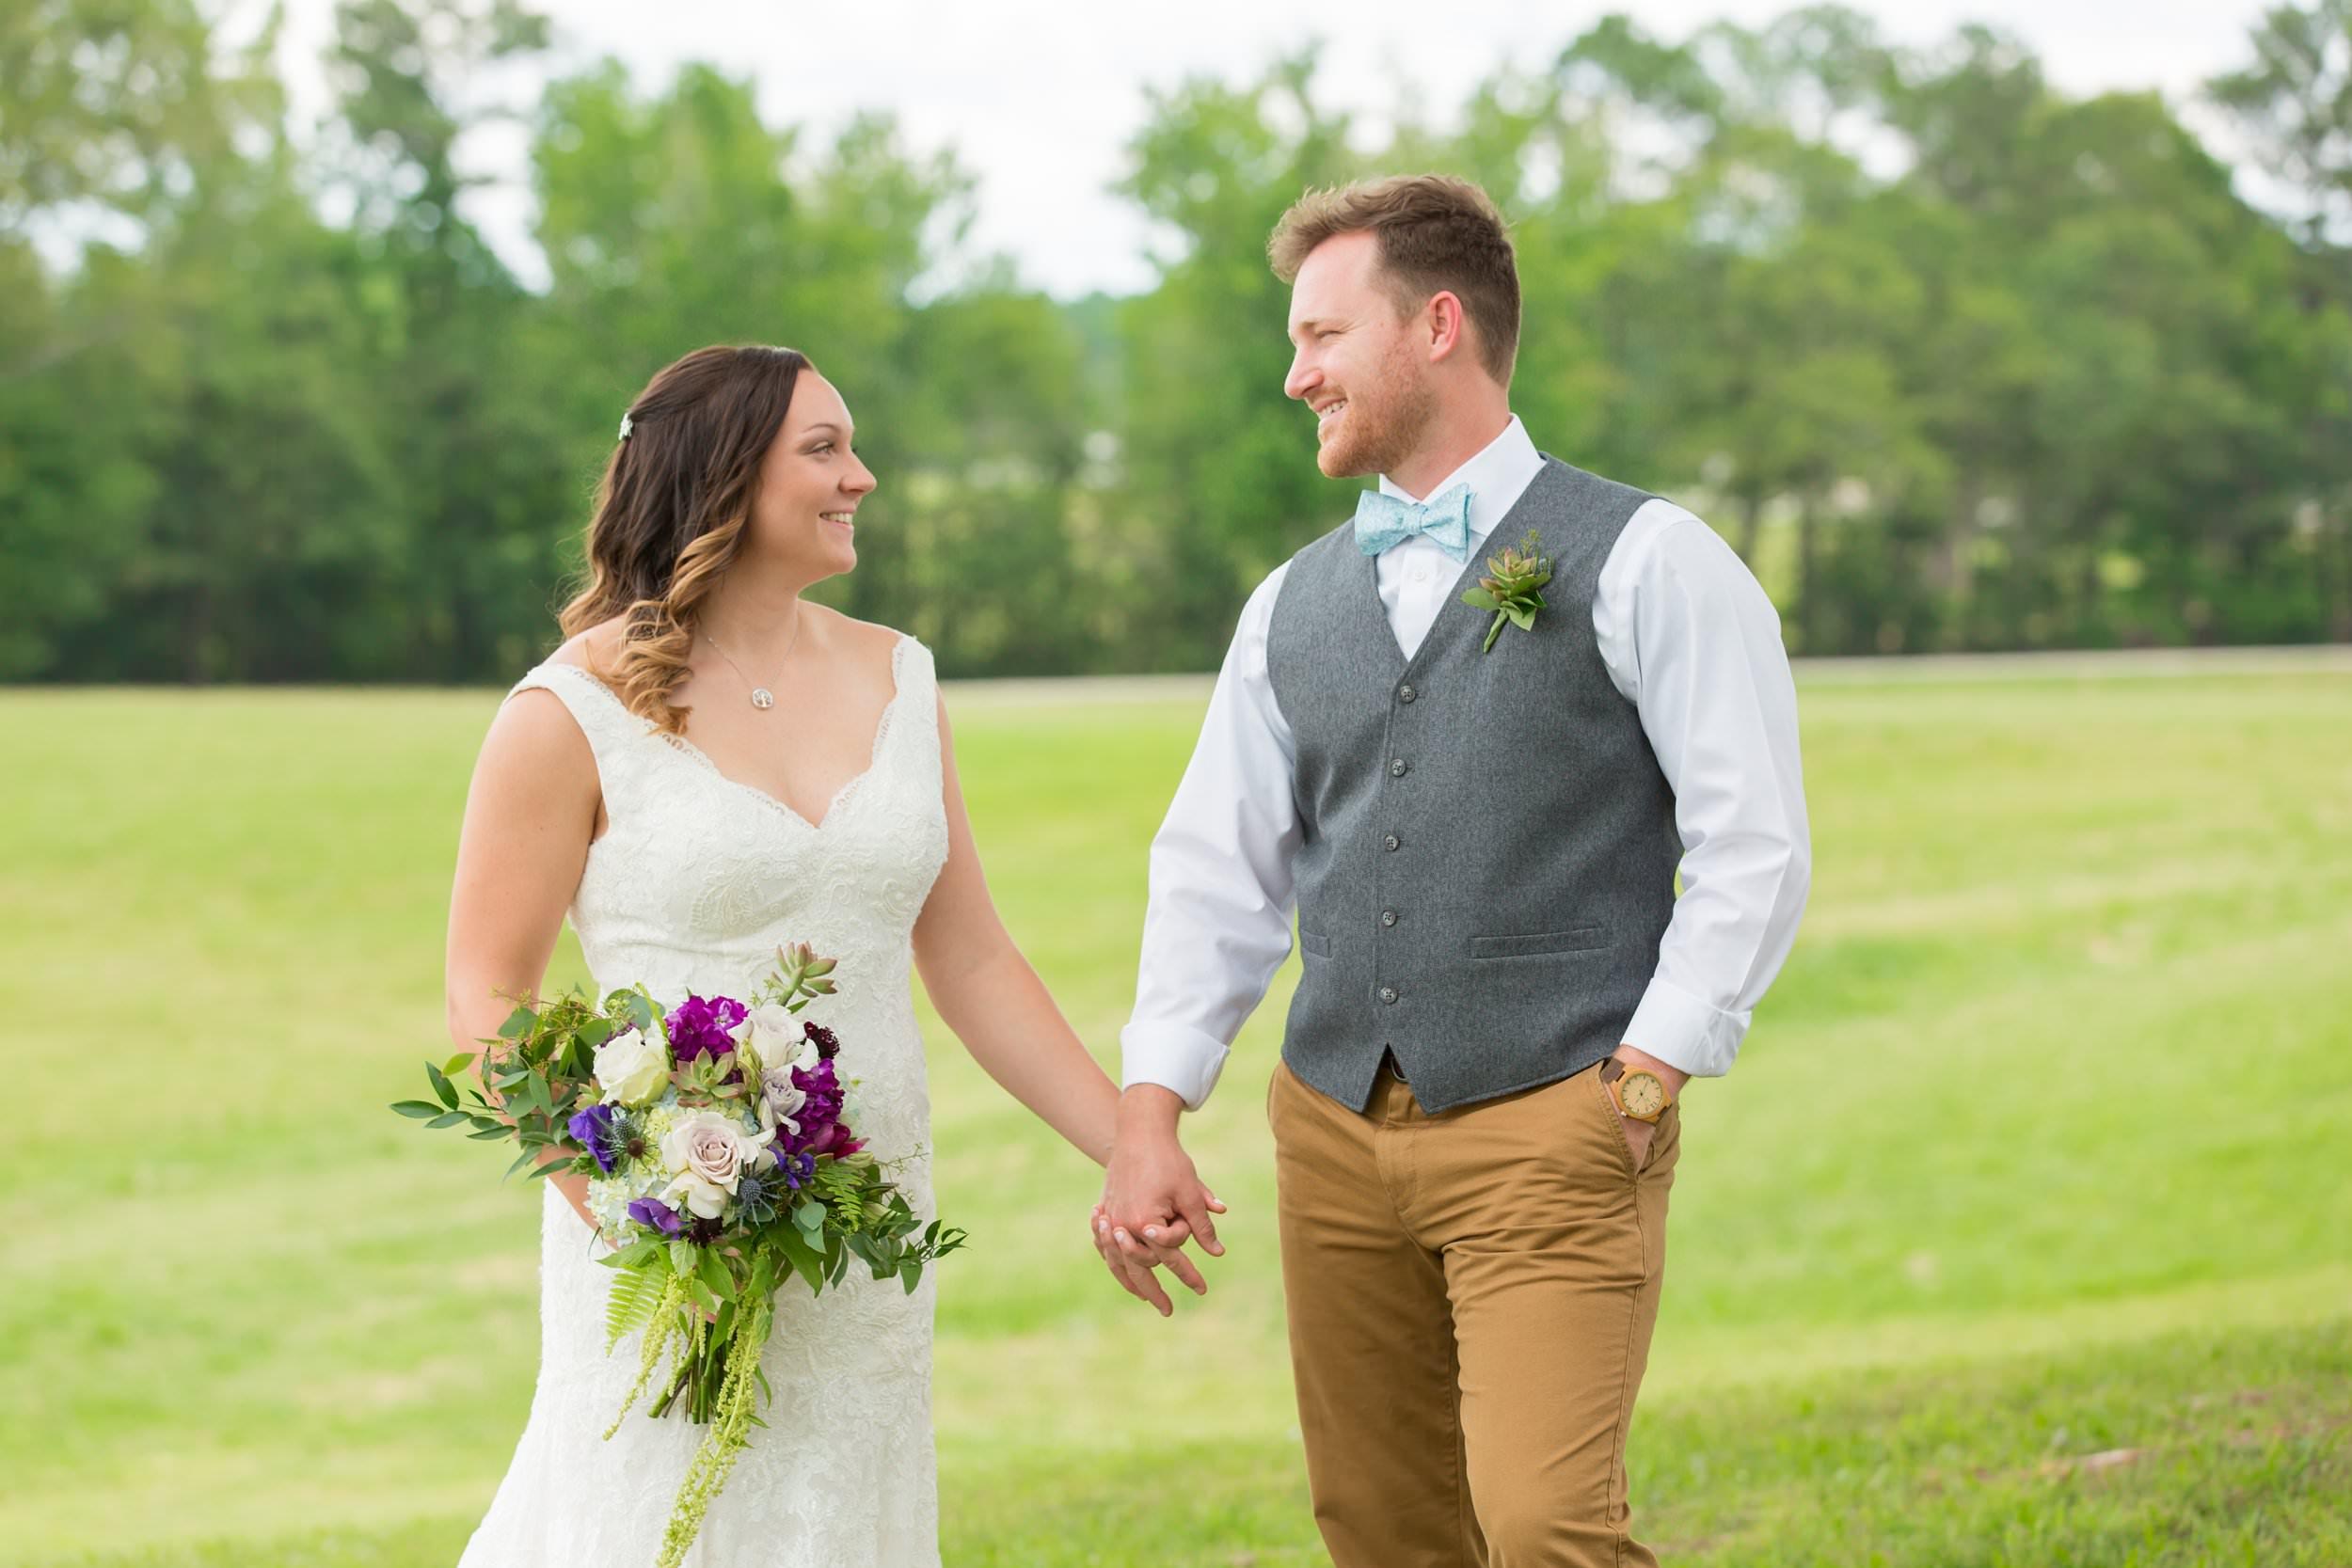 Abby-Manor-Events-Wedding-Photos25.jpg